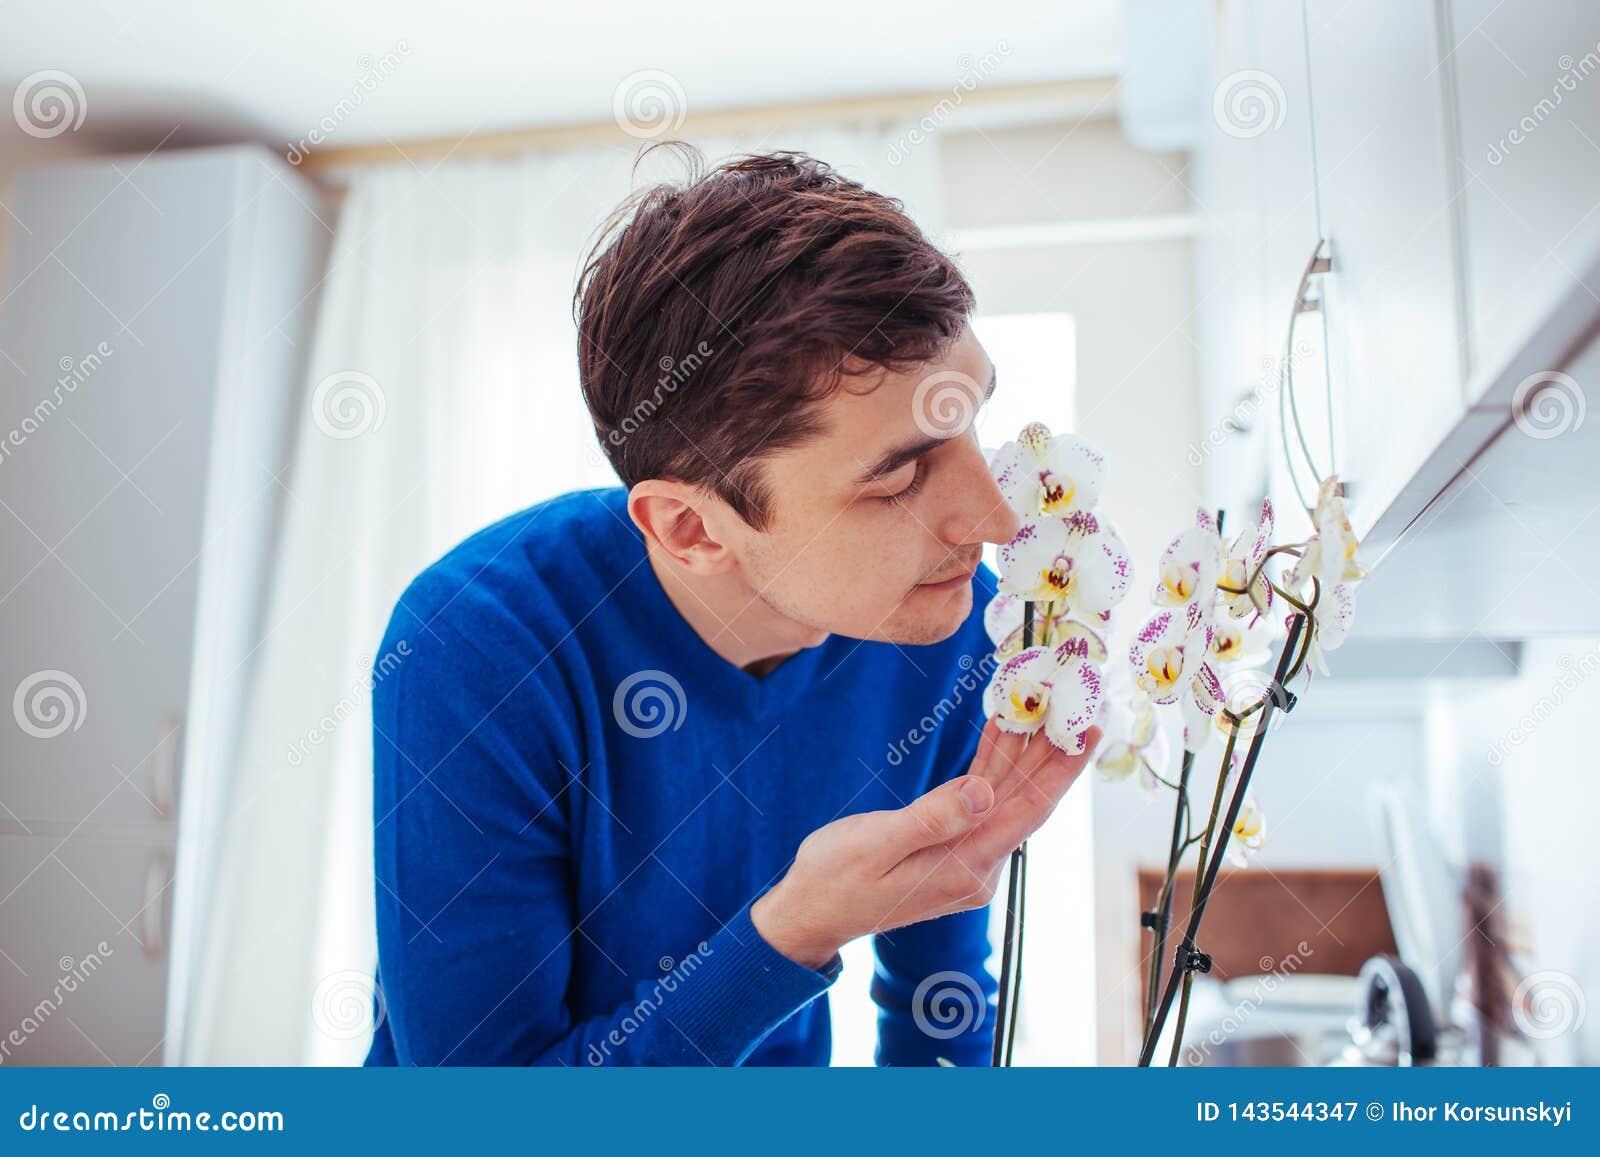 Orchidea di fiuto del giovane in cucina a casa